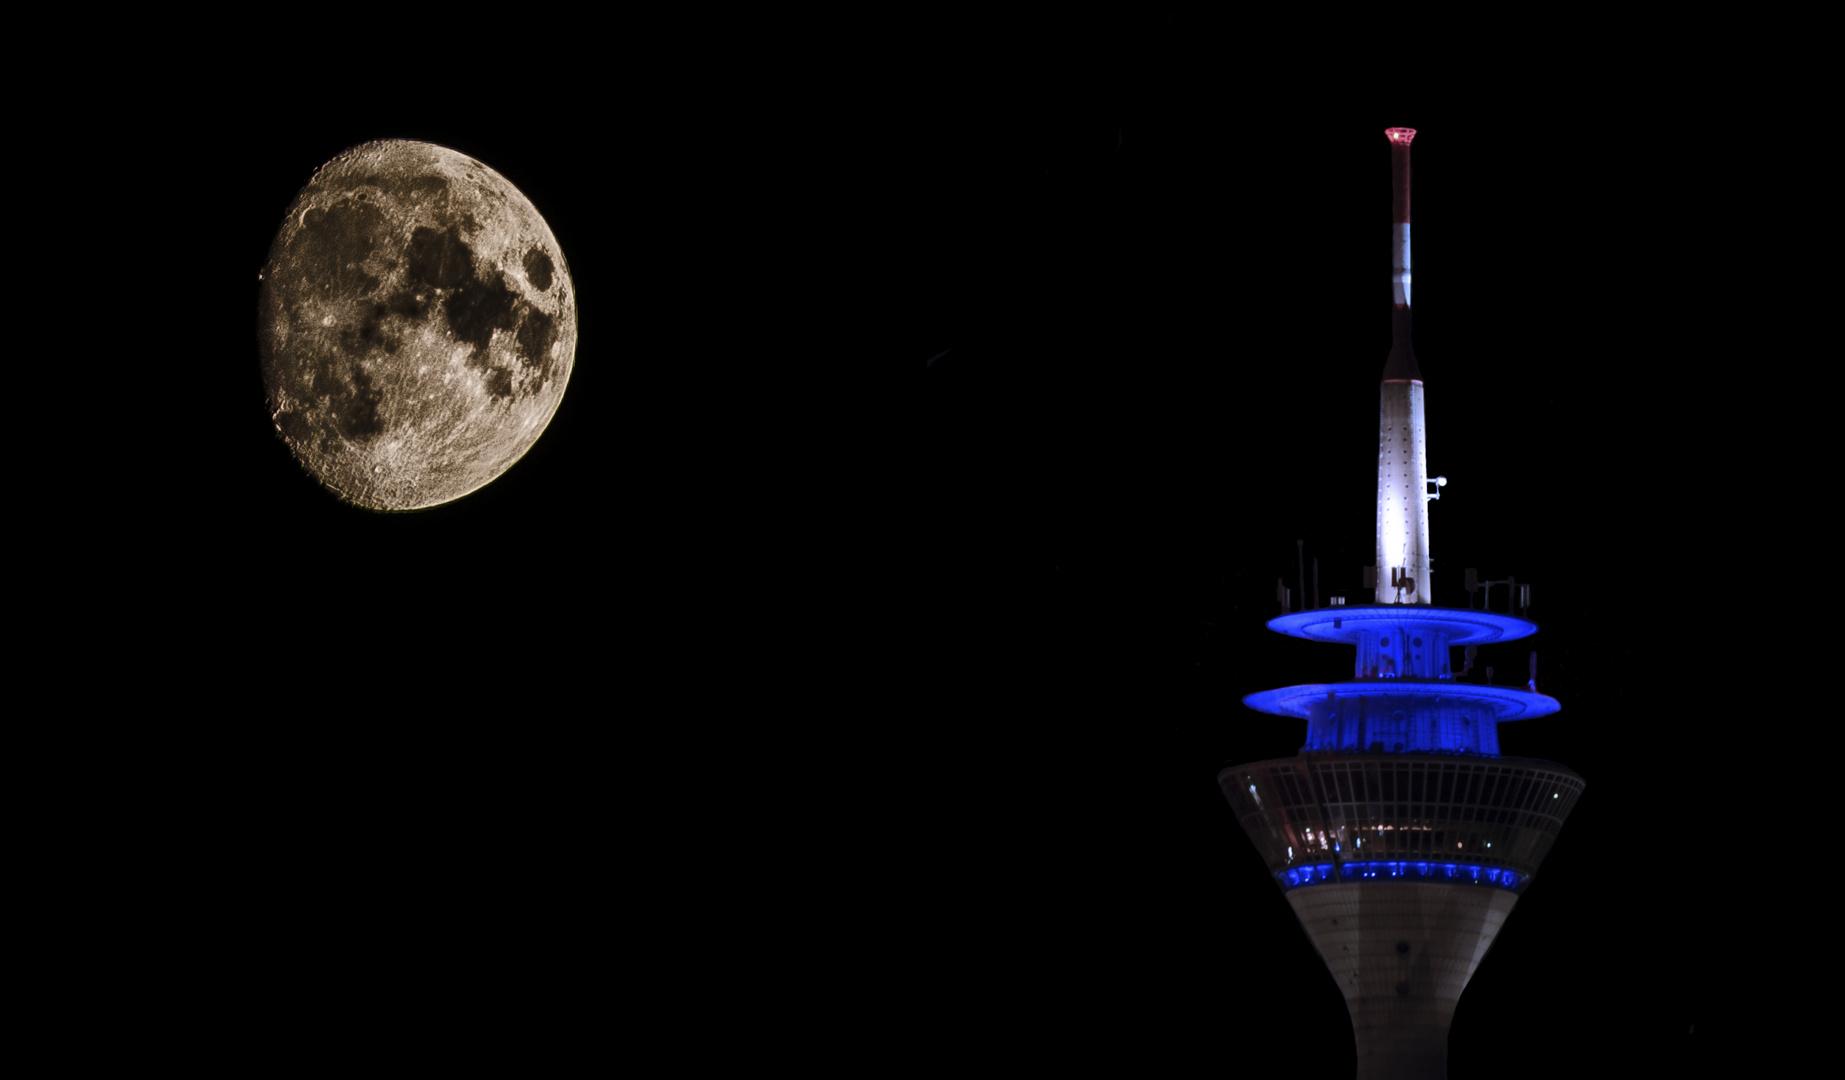 Düsseldorfer Fernsehturm bei Nacht